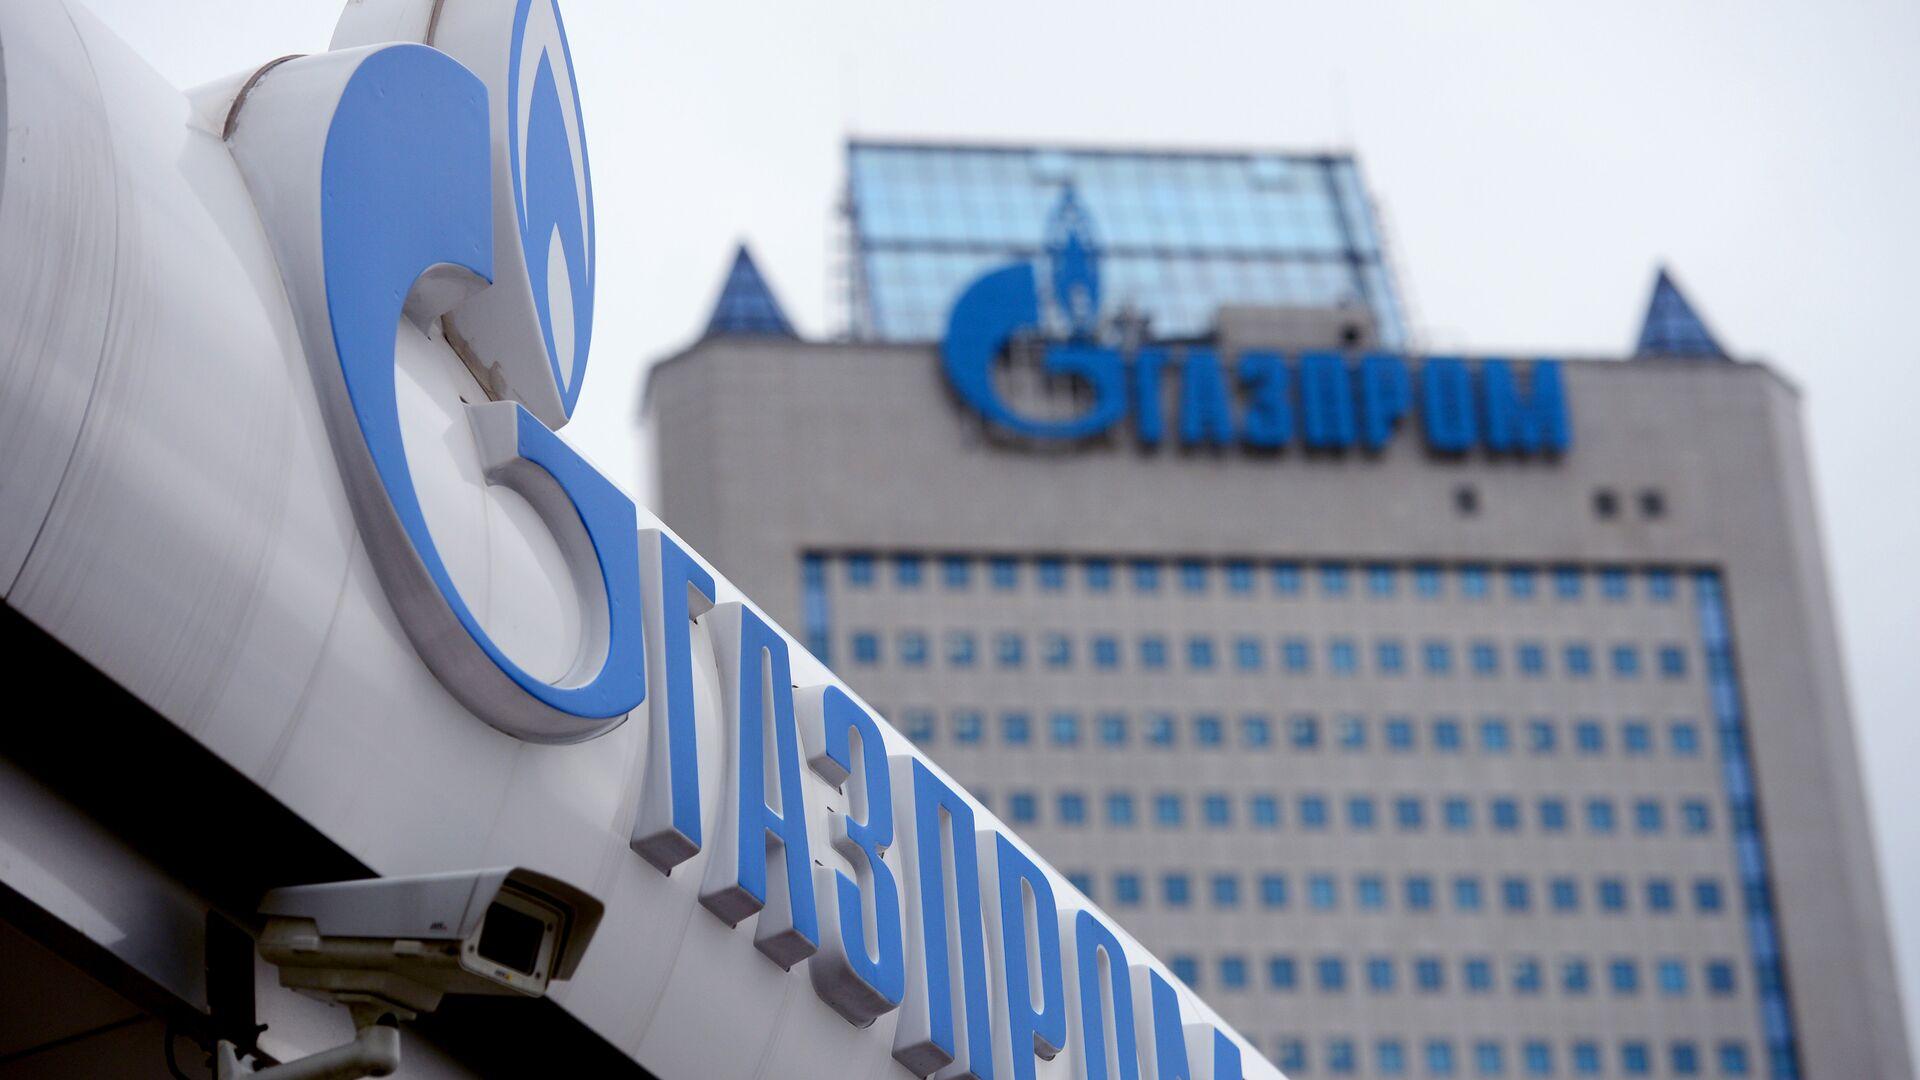 Офис ОАО Газпром - РИА Новости, 1920, 27.07.2021